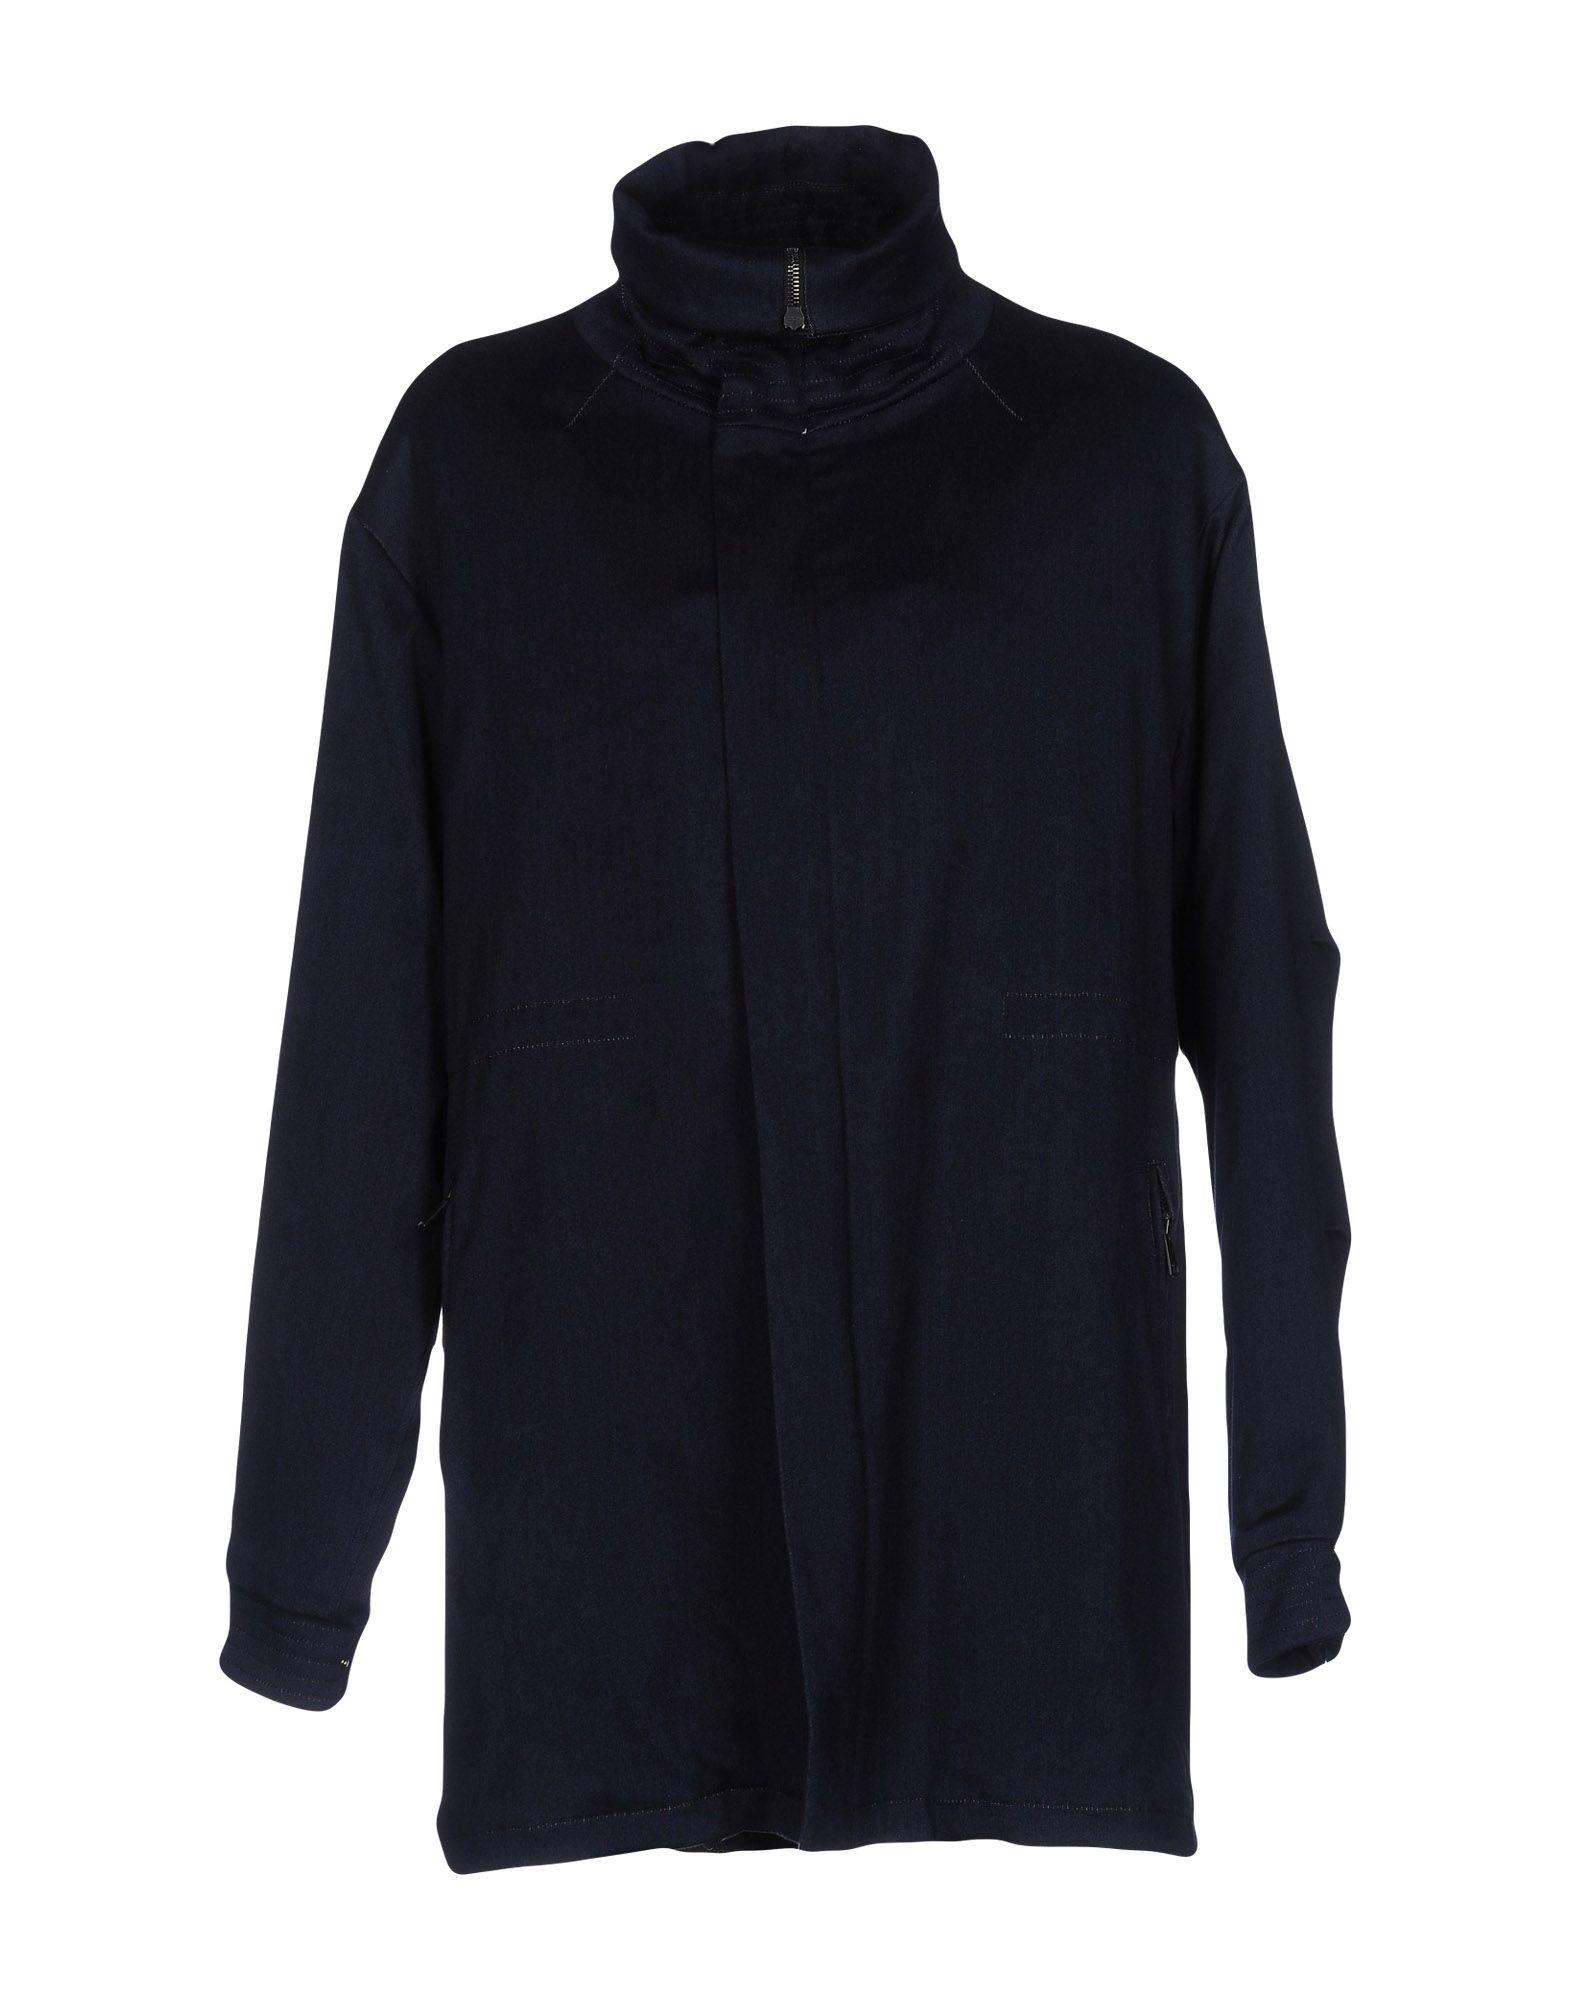 YOON Джинсовая верхняя одежда